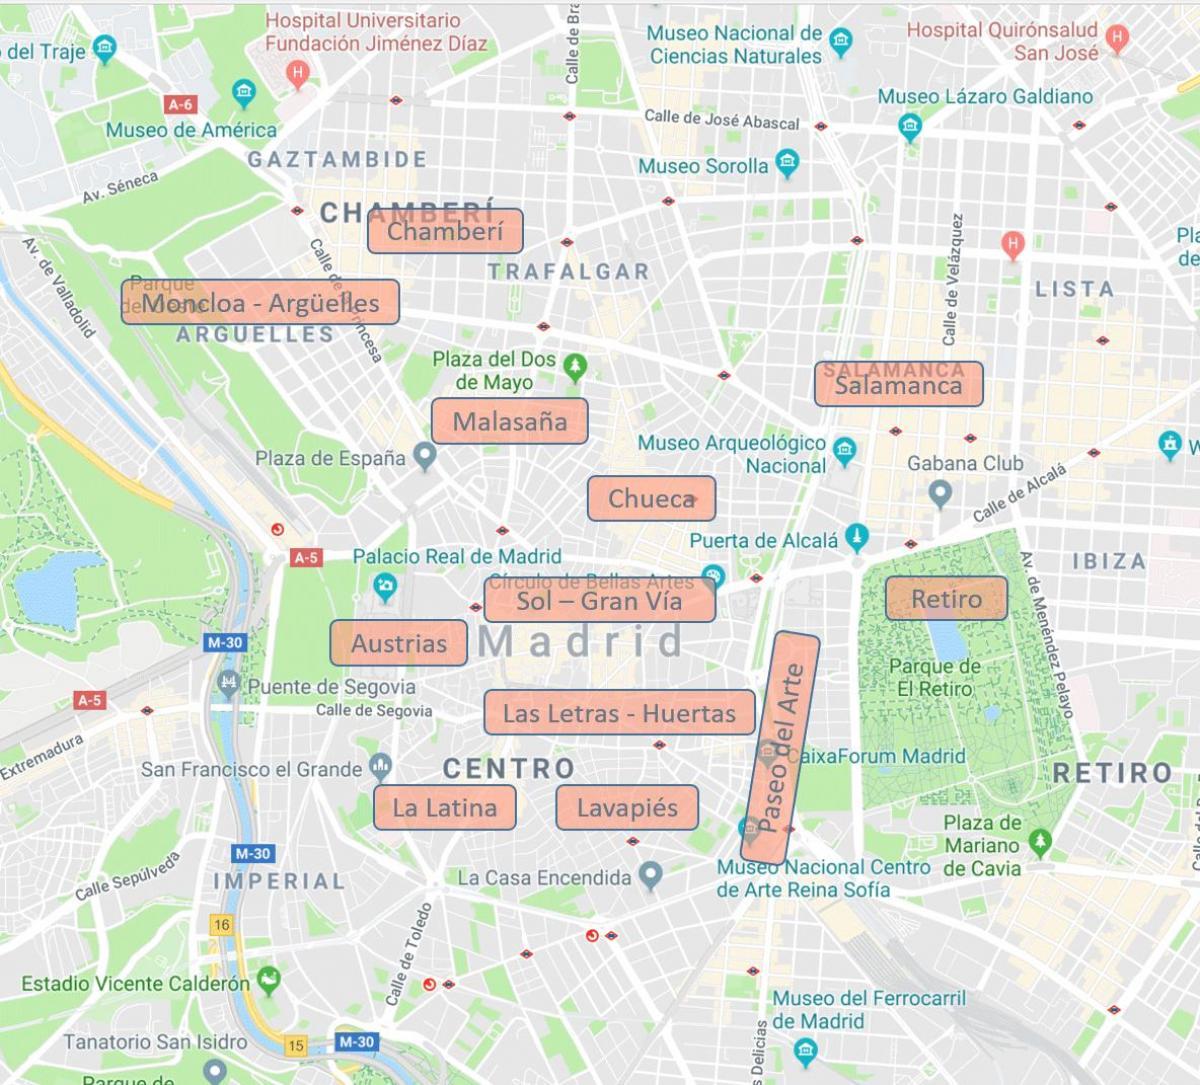 Madrid neighborhood map - Map of Madrid Spain neighborhoods